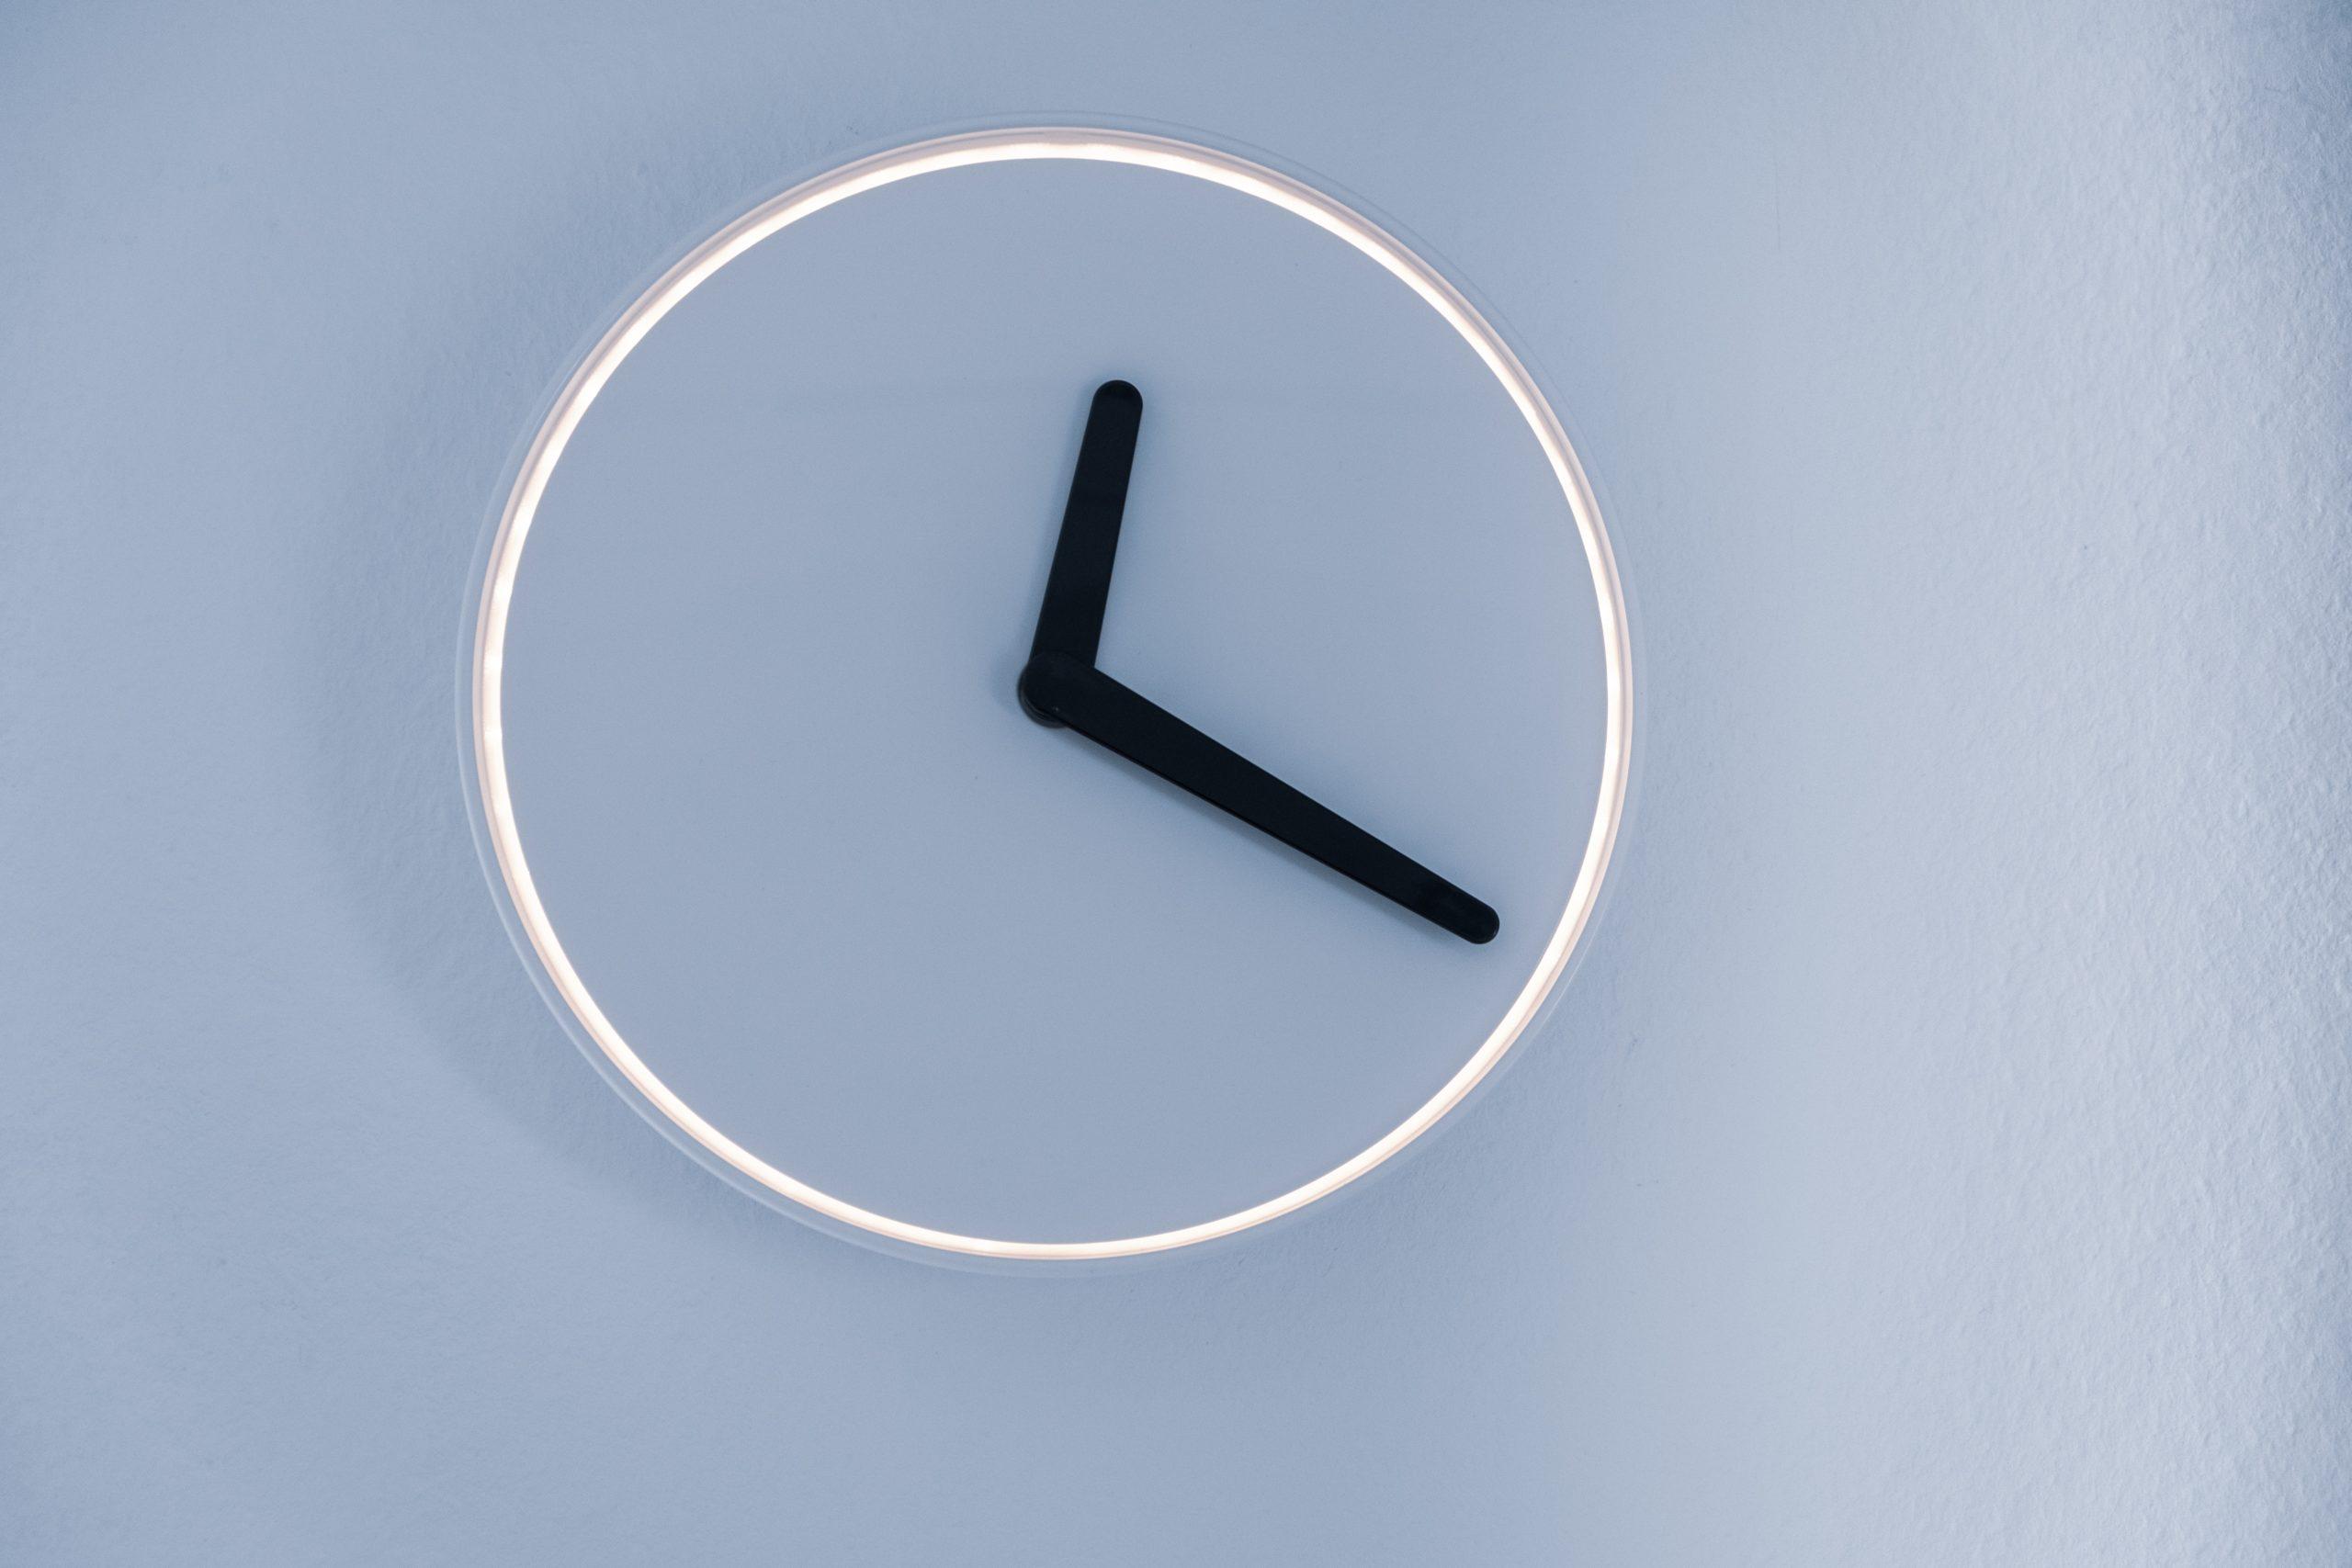 Eine minimalistische Uhr, die nur aus einem Kreis und Zeigern besteht